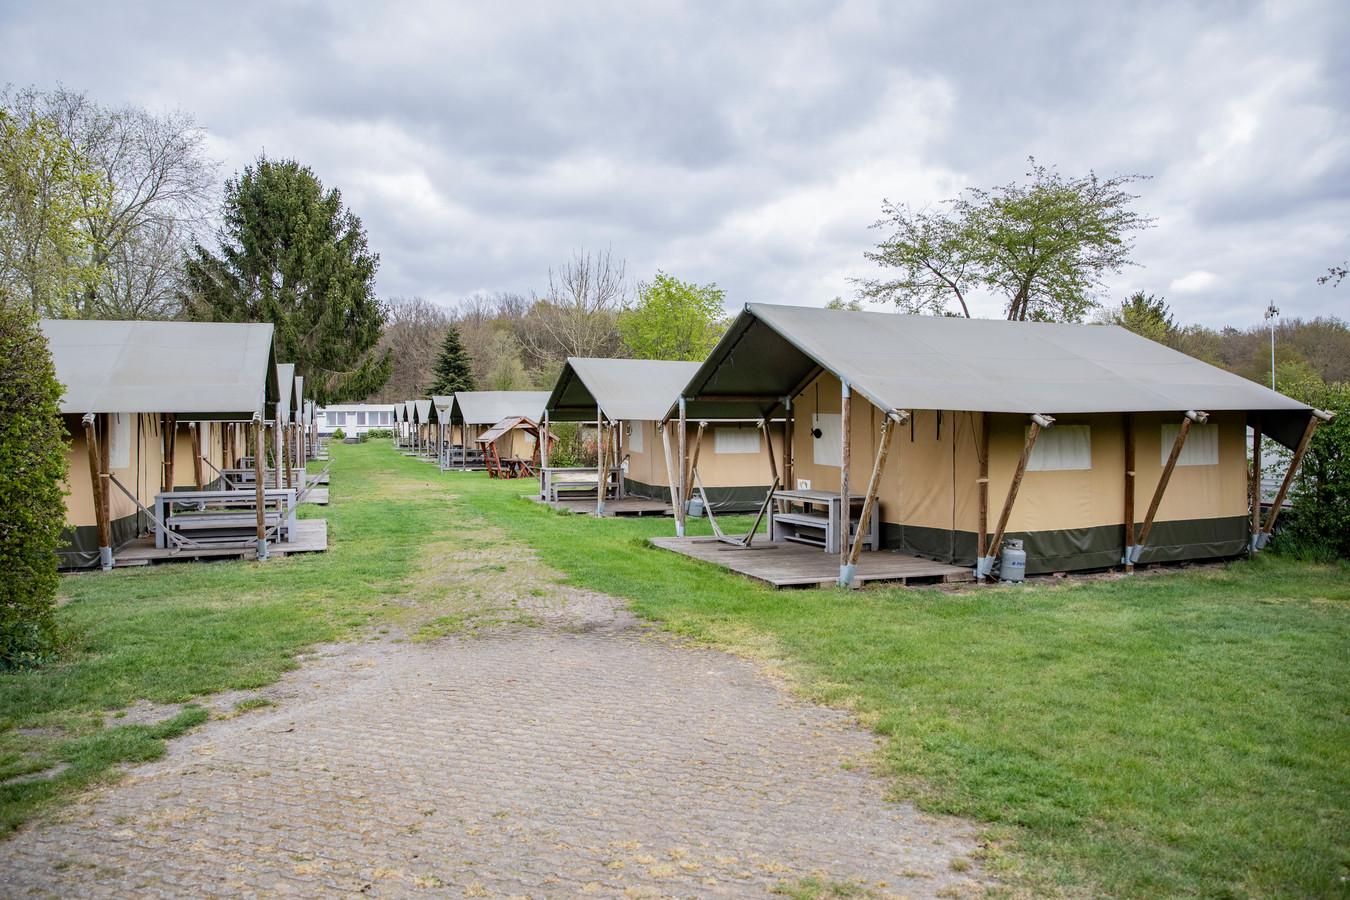 Hoewel in de zomer de vakantie in eigen land nog redelijk doorgang konden hebben, waren ook vakantieparken lange tijd op slot.